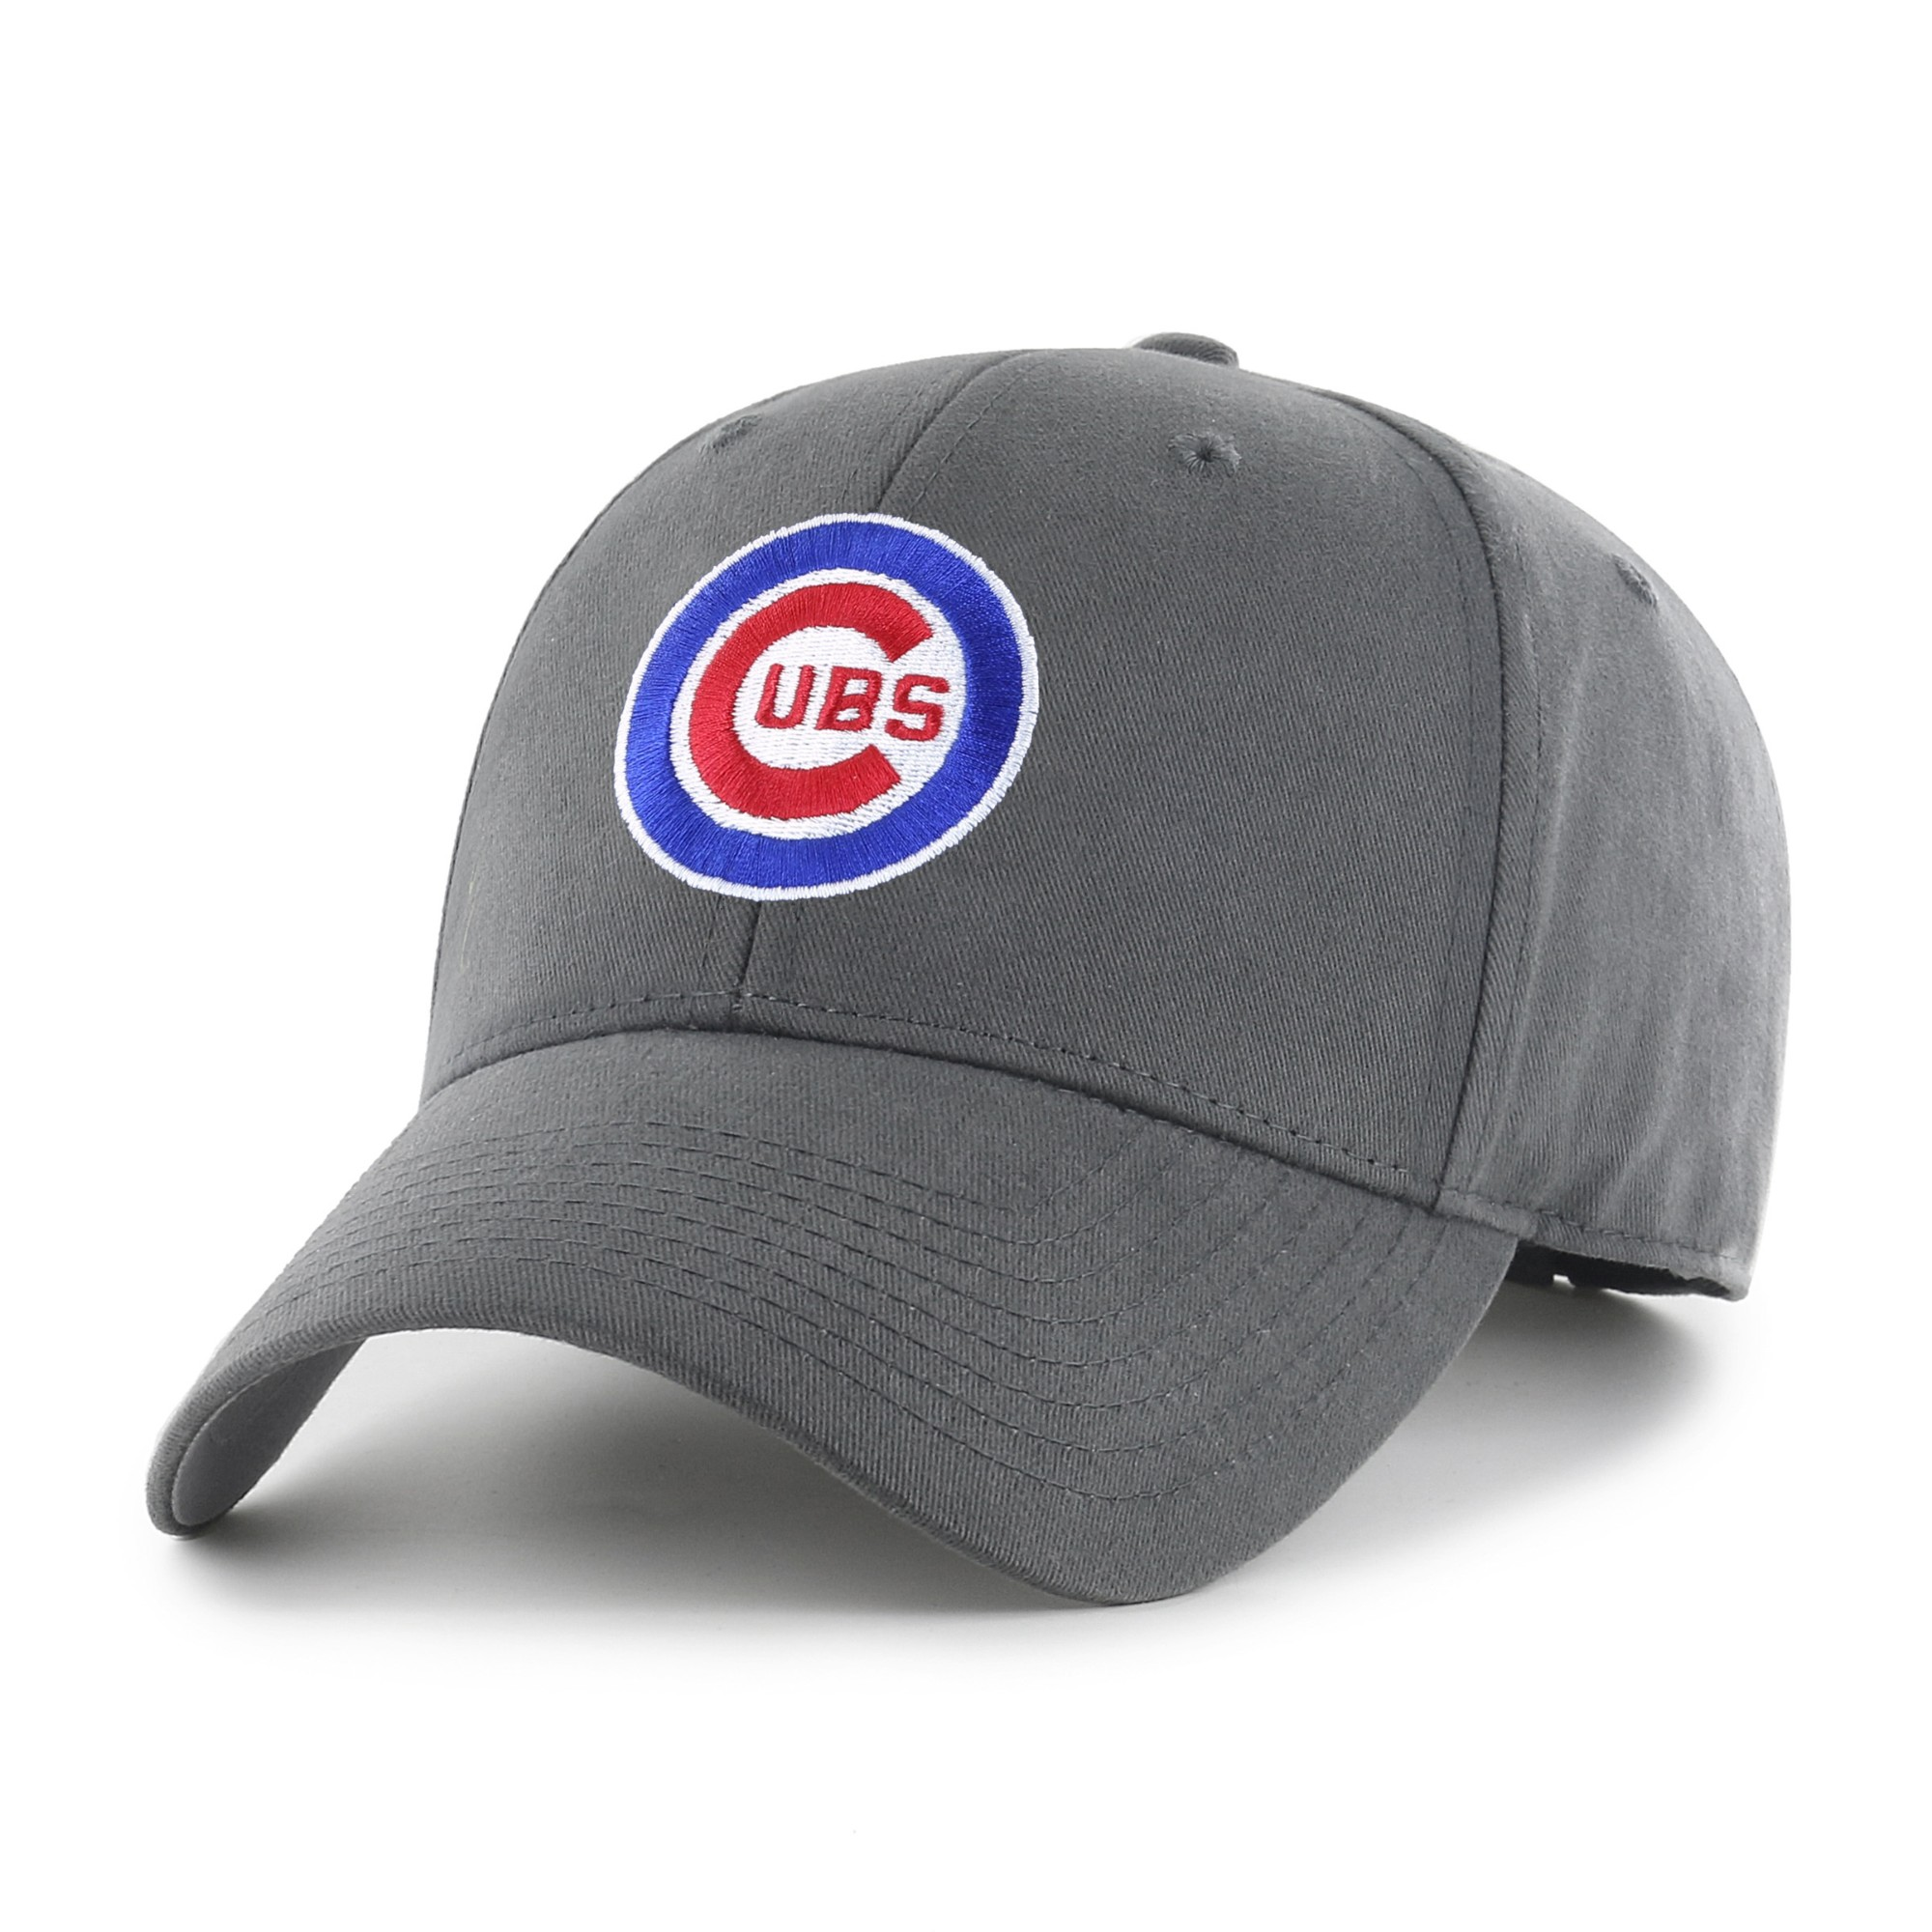 c8648699d5a87 Chicago Cubs Team Shop - Walmart.com